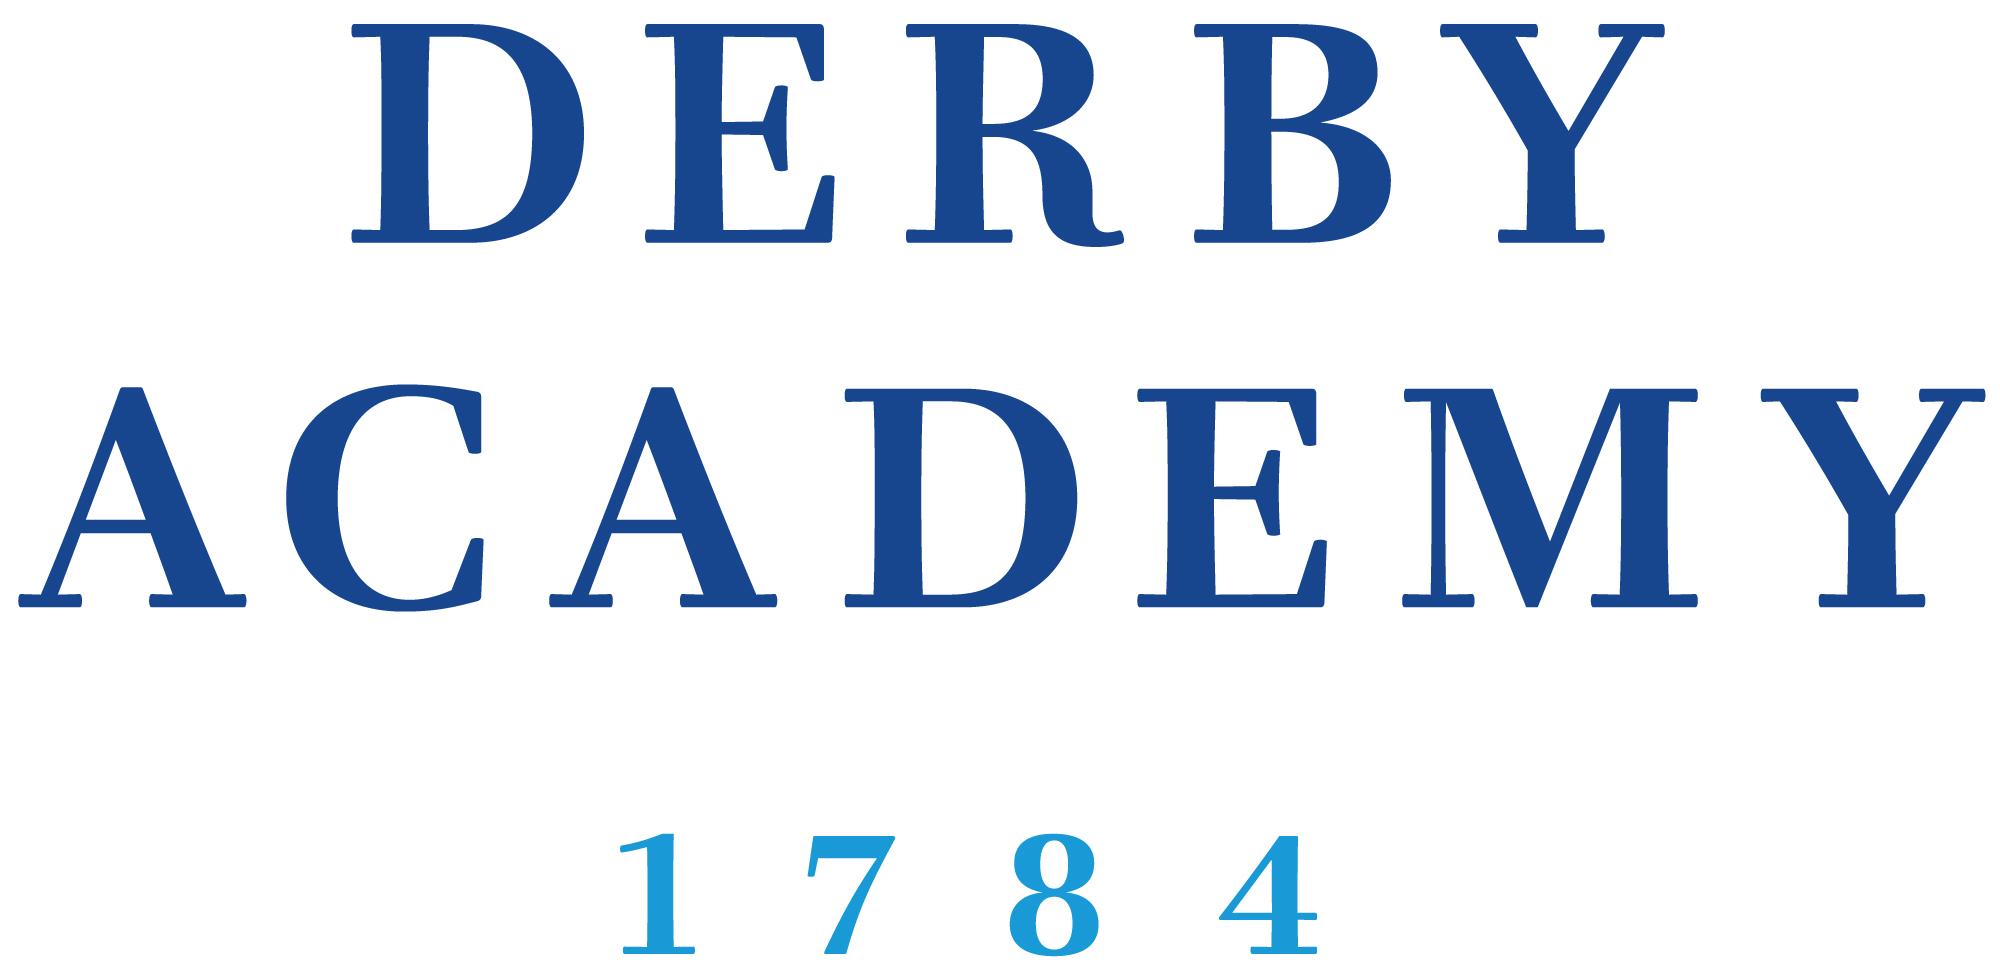 Derby-Academy-1784-Center-Stack-Color.jpg